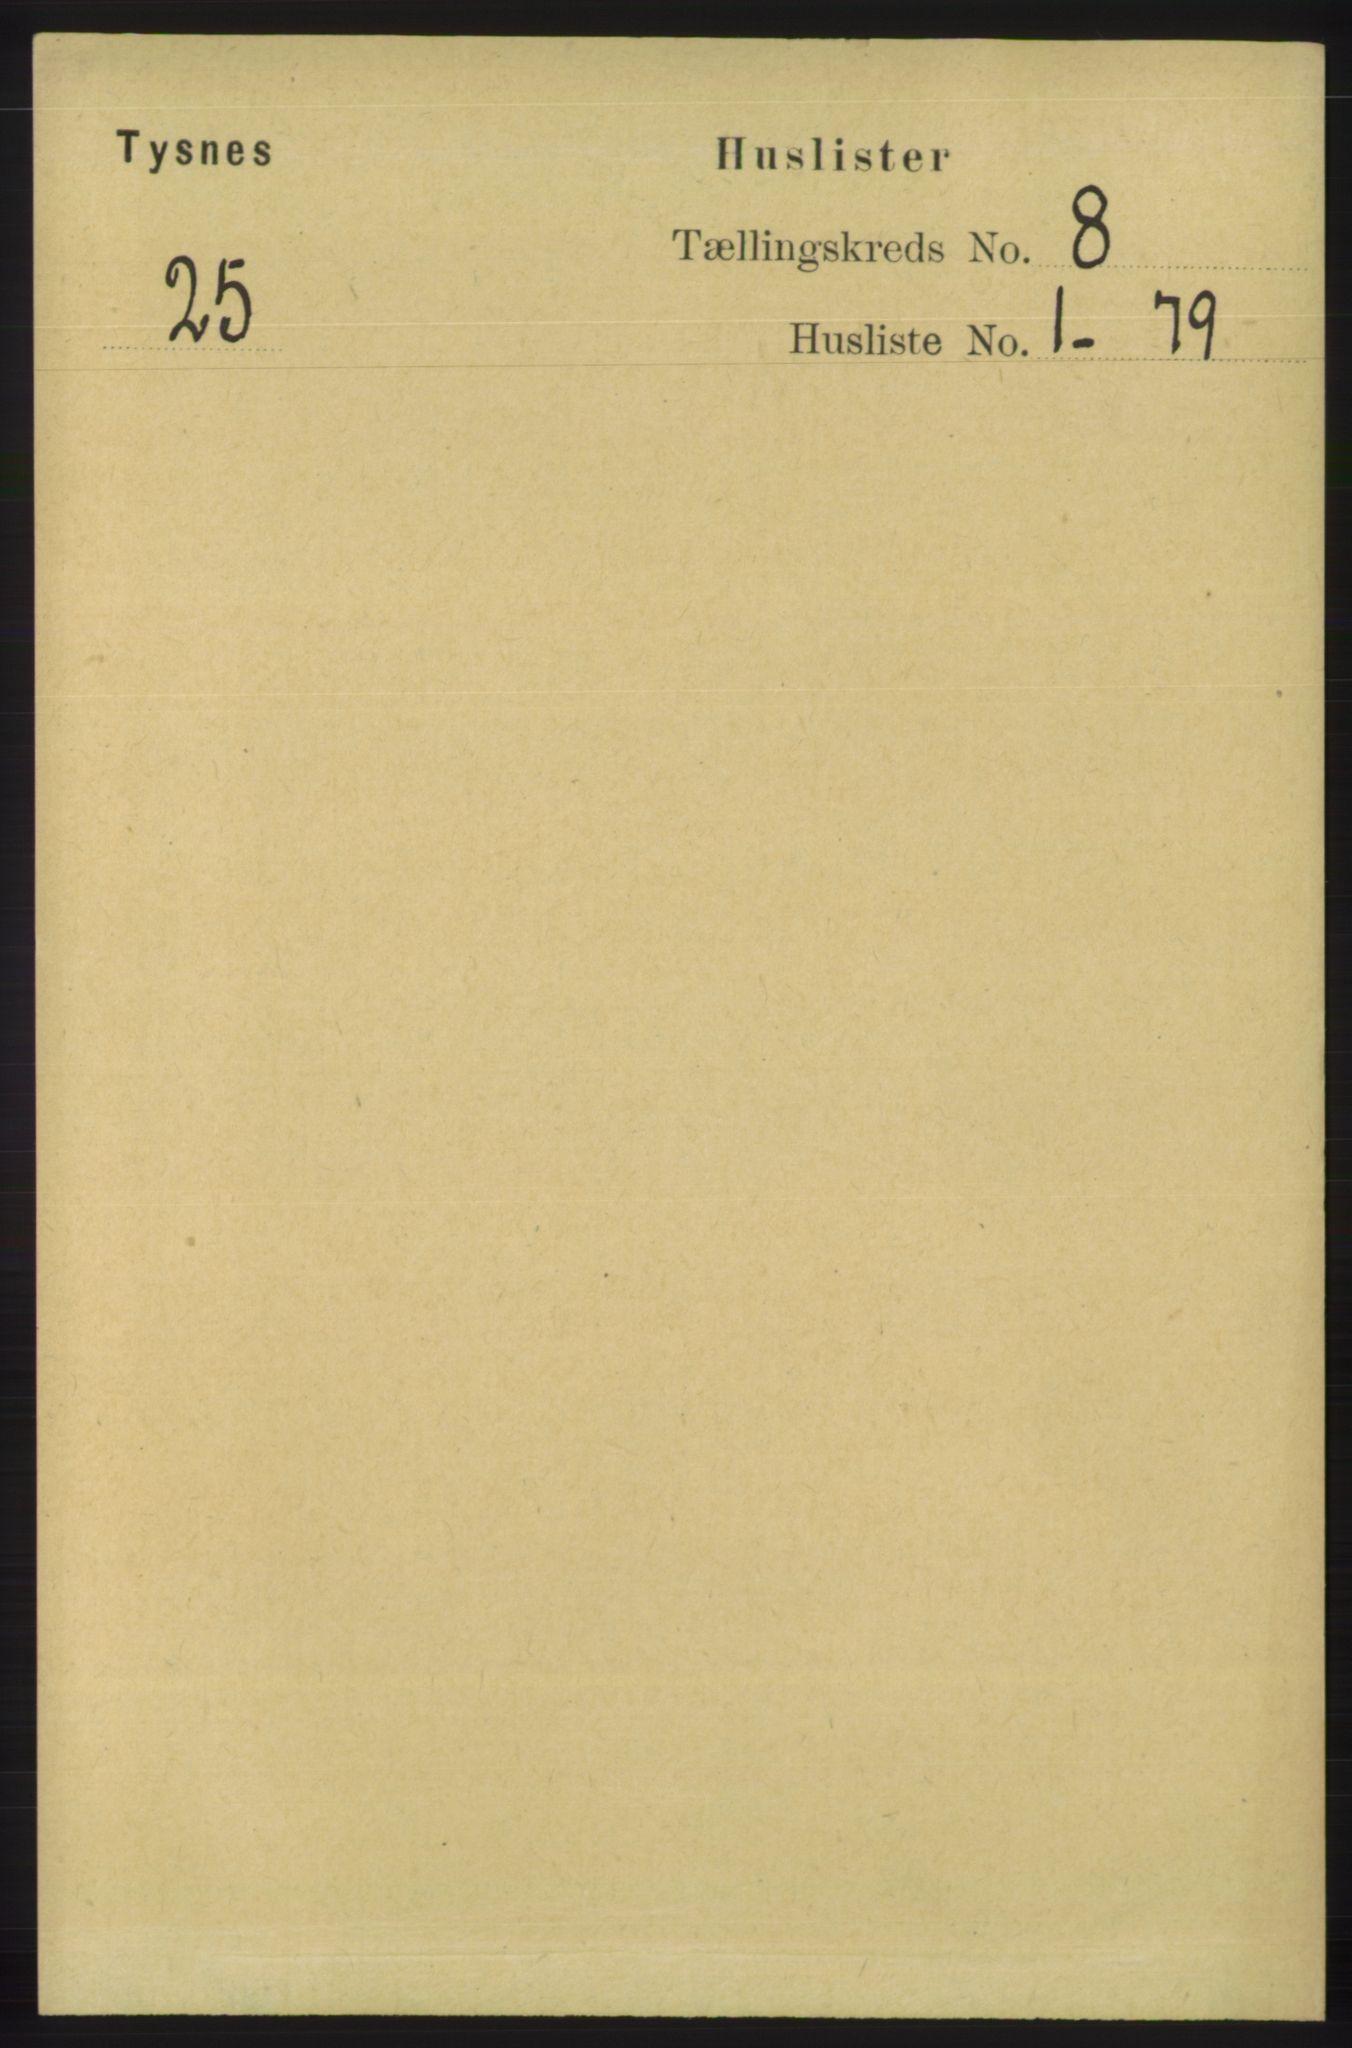 RA, Folketelling 1891 for 1223 Tysnes herred, 1891, s. 3577